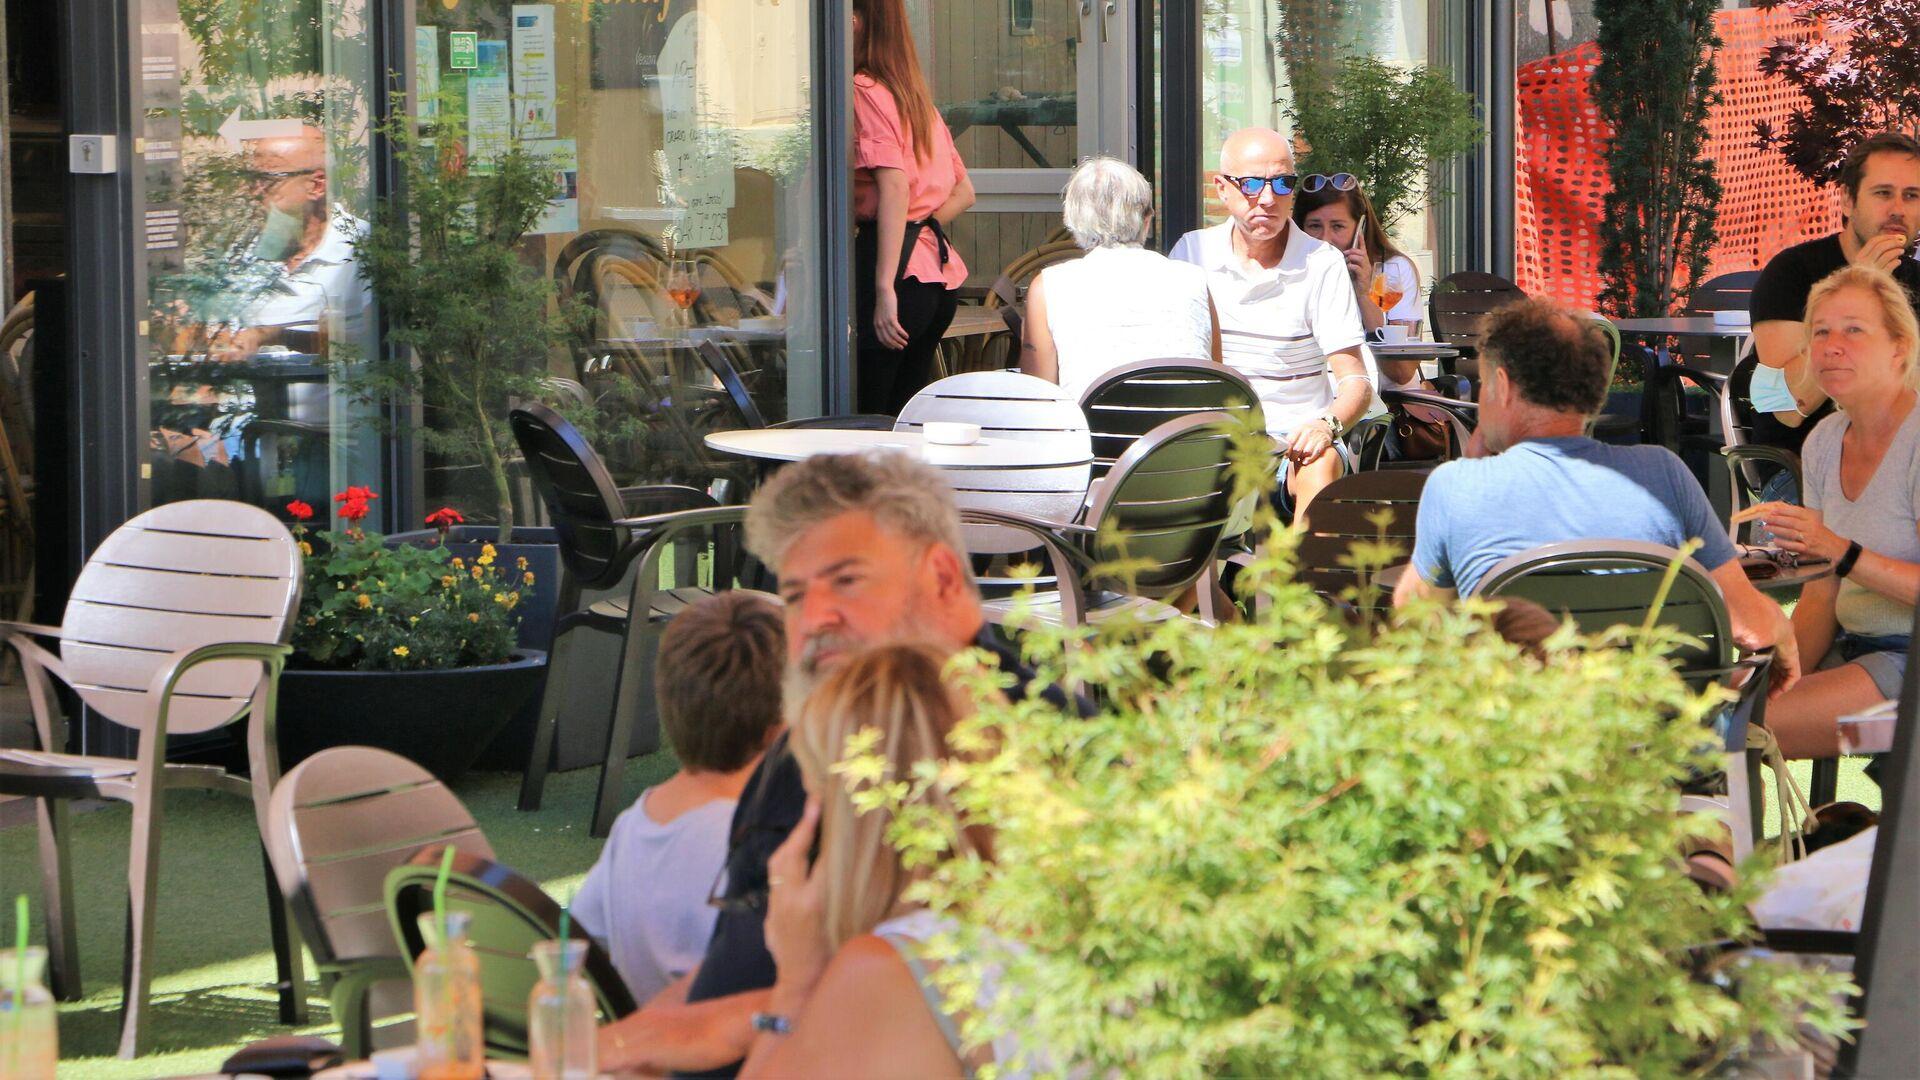 Al ristorante all'aperto il Green Pass non serve - Sputnik Italia, 1920, 23.08.2021